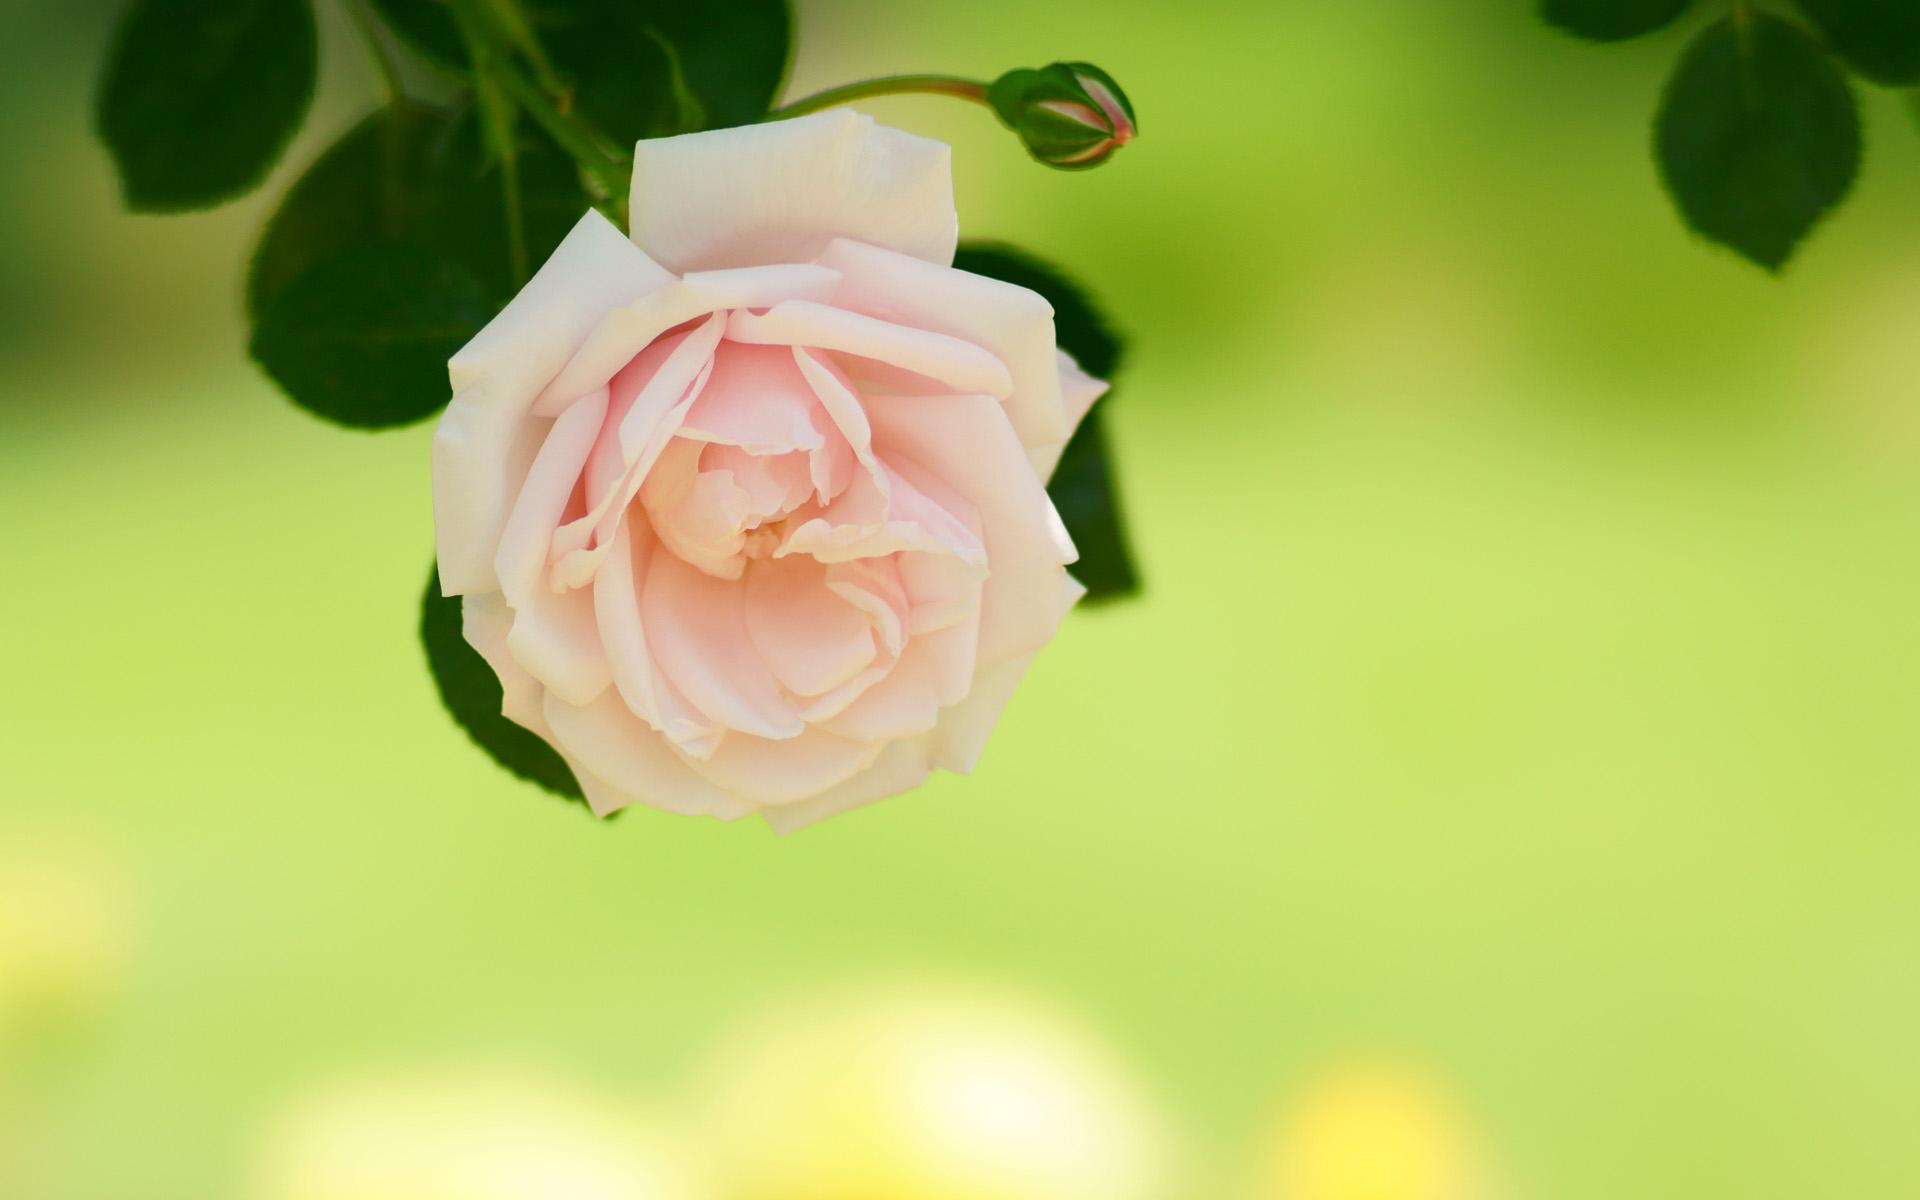 バラ(薔薇)1920 215 1200|無料写真素材ならフリー素材タウン